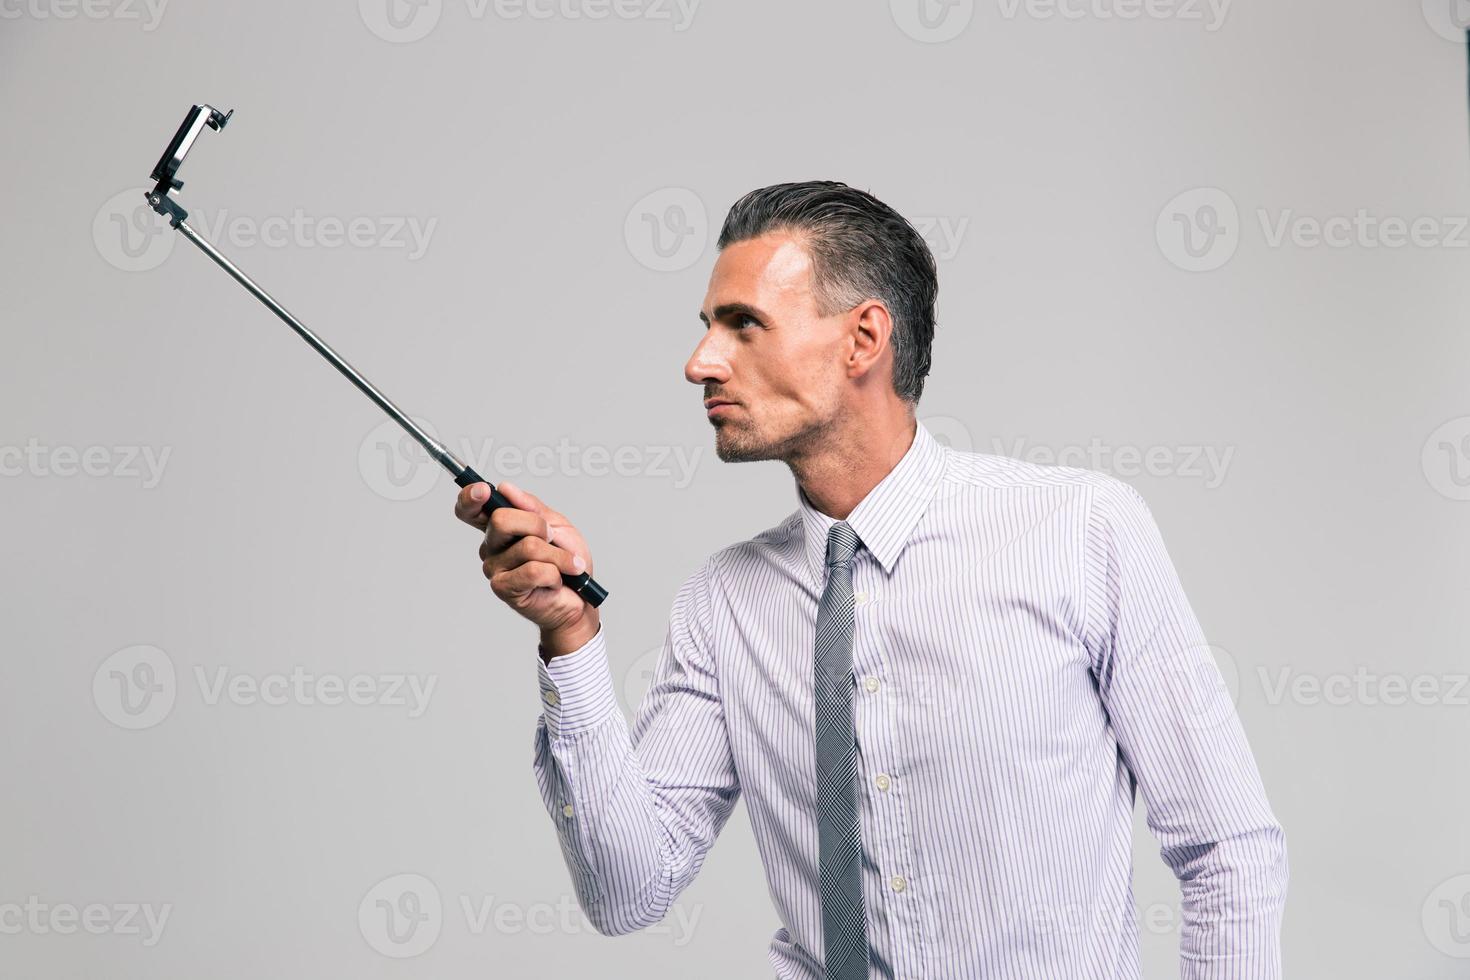 empresário bonito segurando uma vara de selfie foto